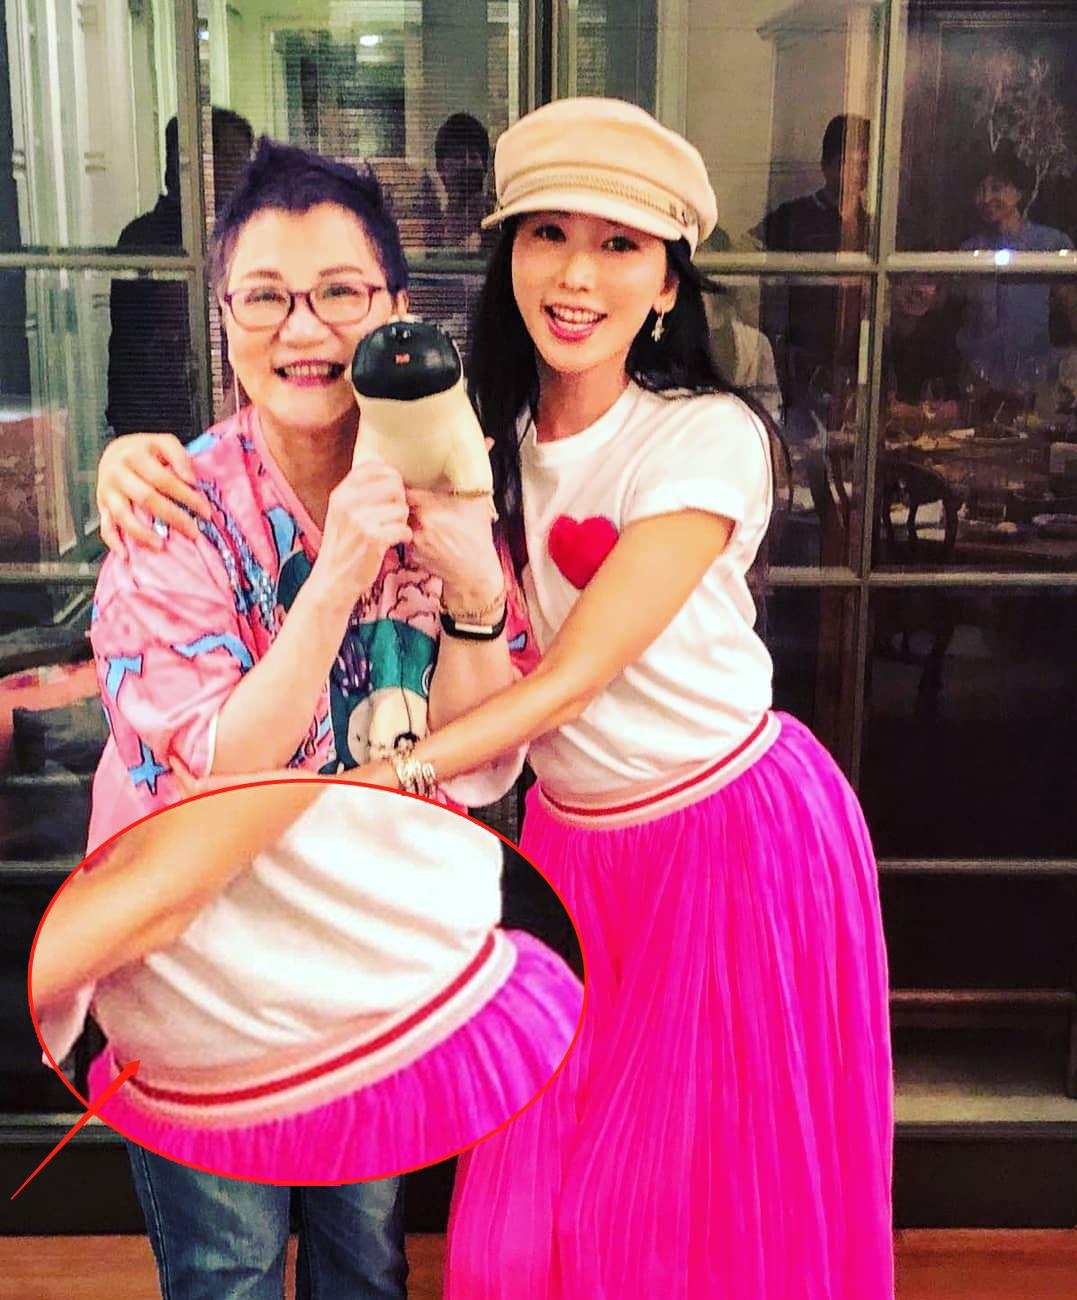 林志玲穿芭比粉裙,微蹲弯腰小肚圆凸,有没怀孕一目了然